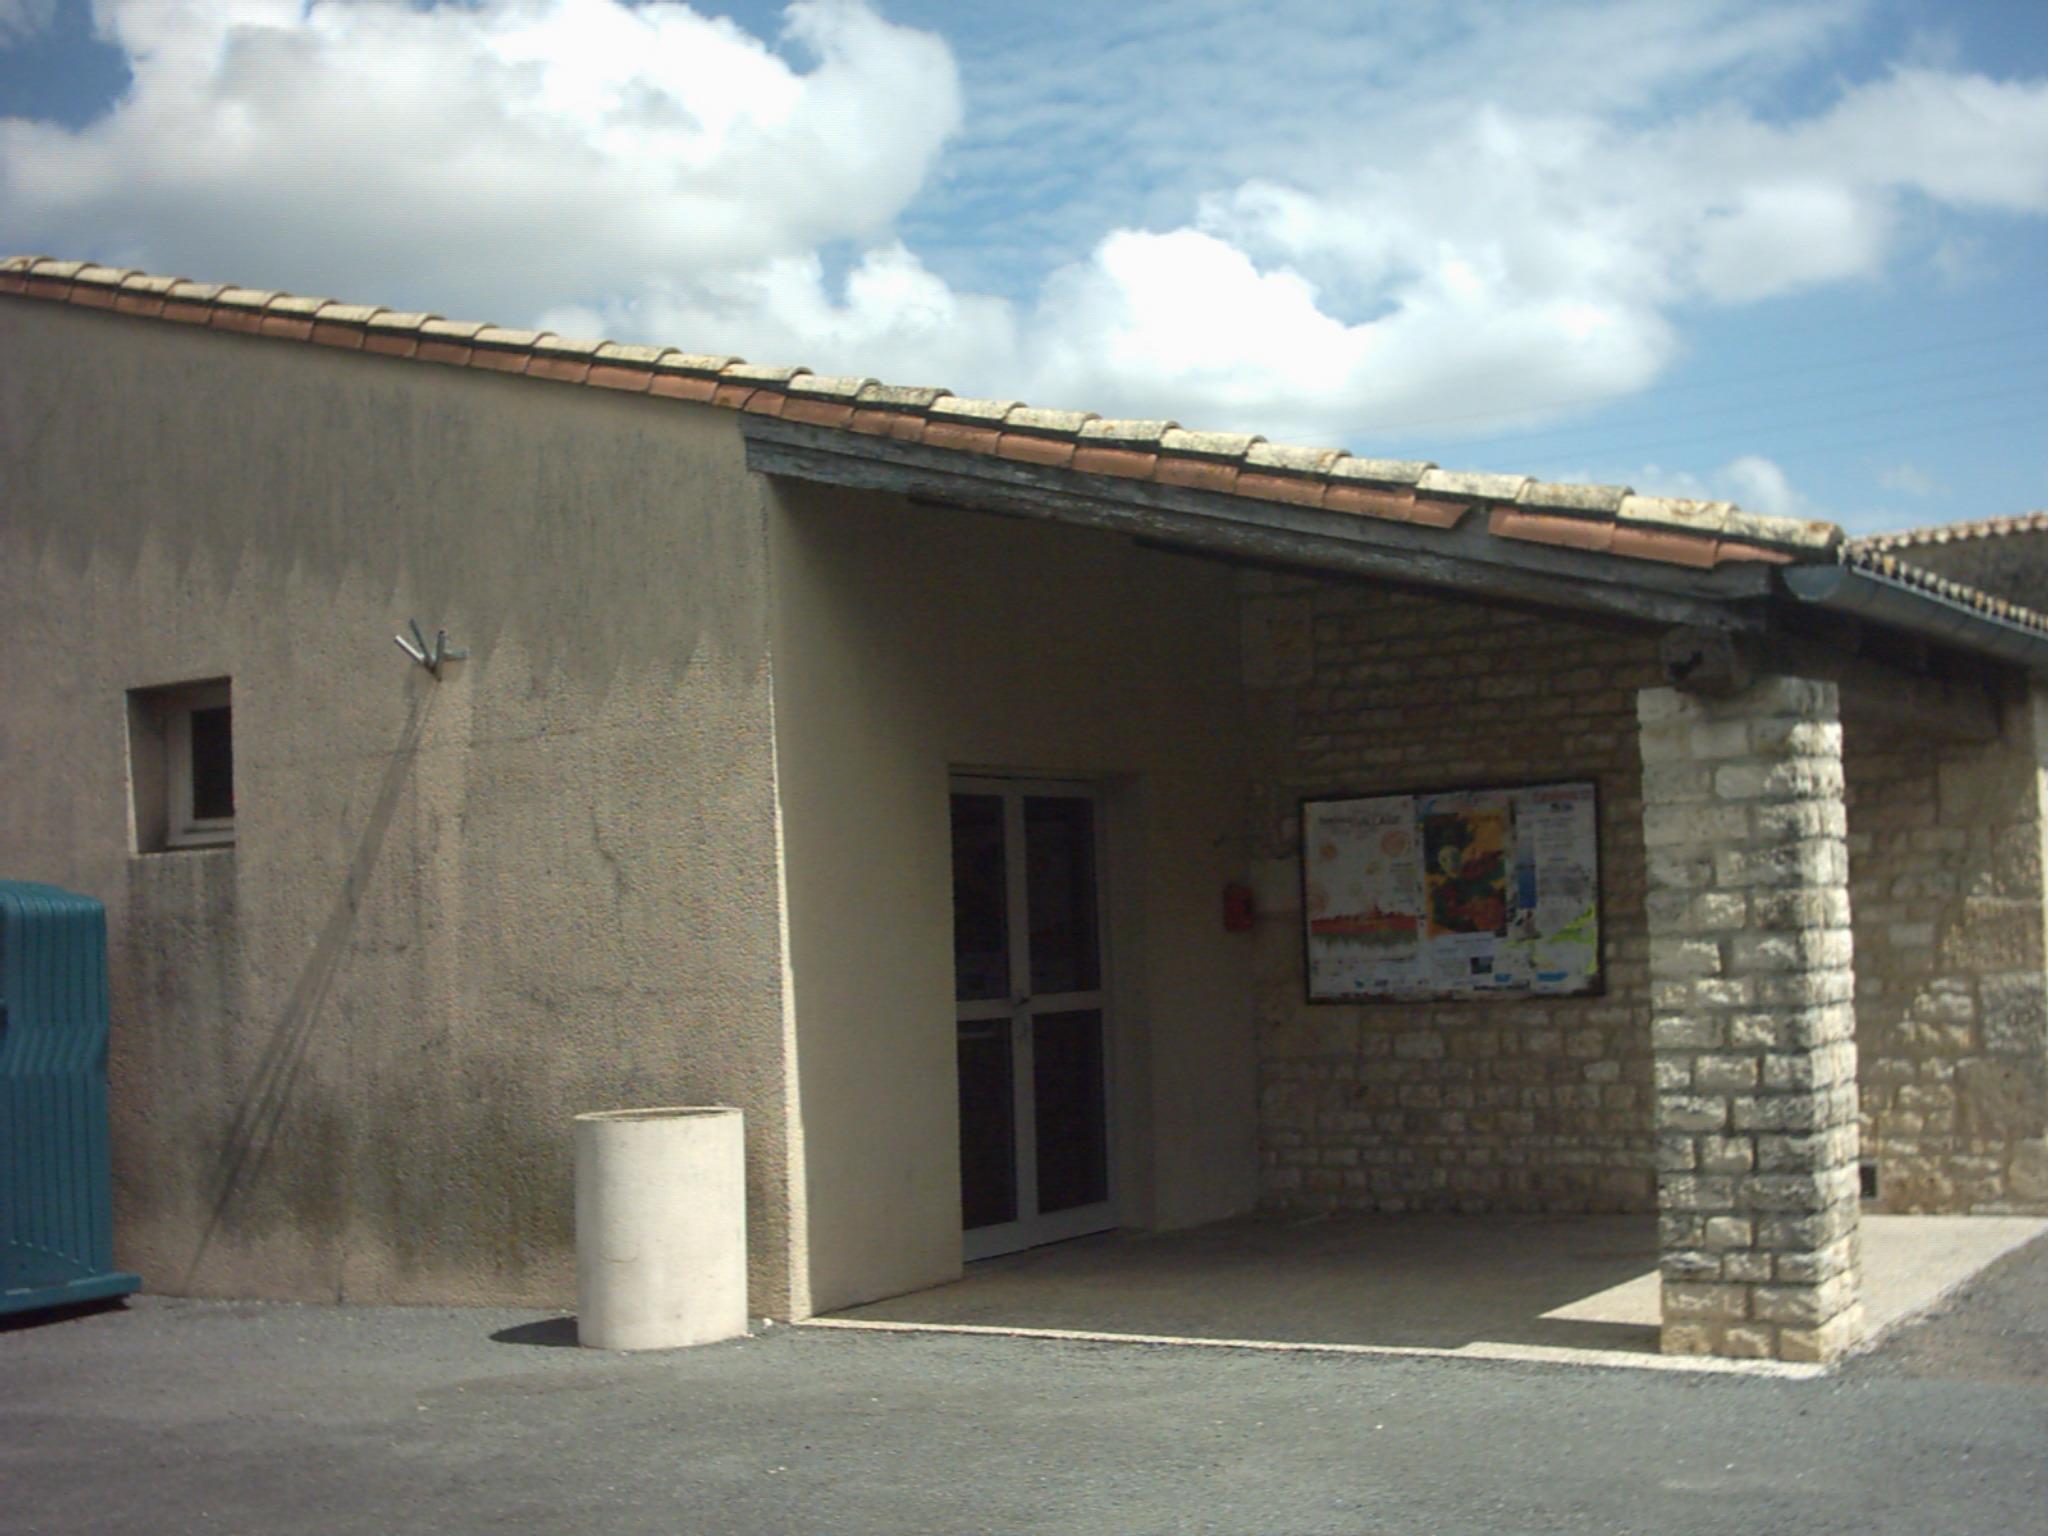 Salle des fêtes Verrines-sous-Celles